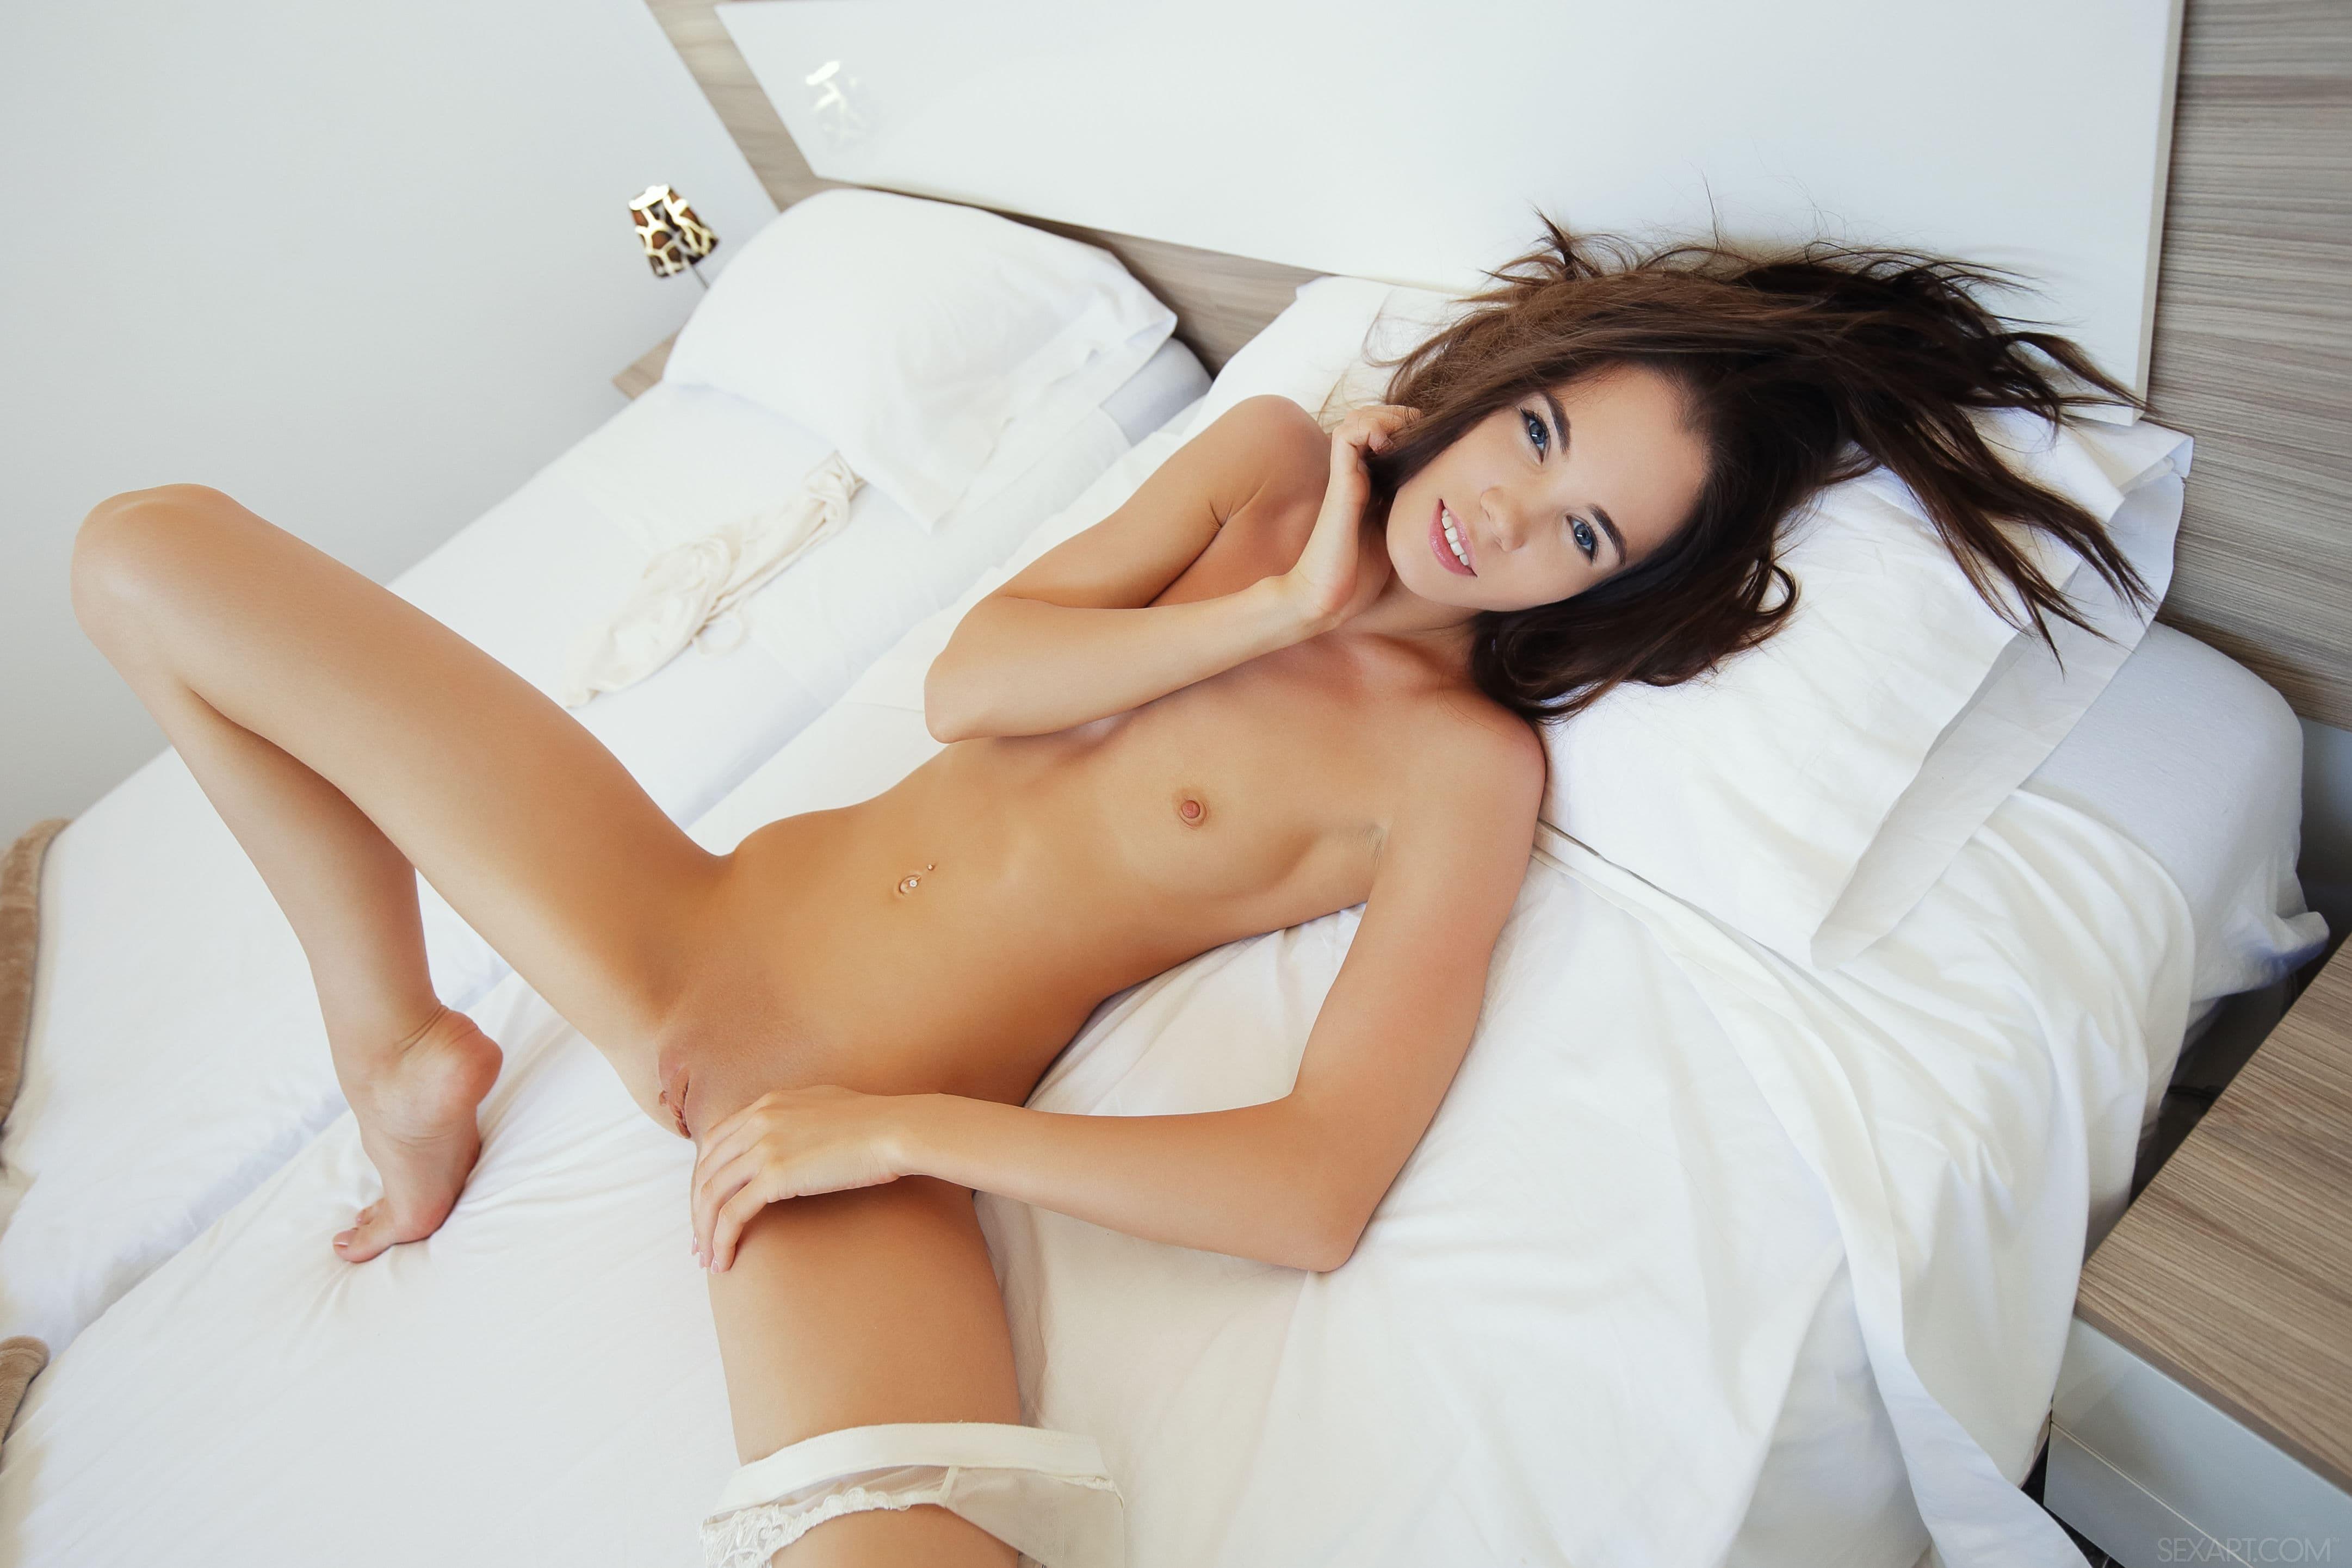 Раком ласкает бритую киску на кровати - фото